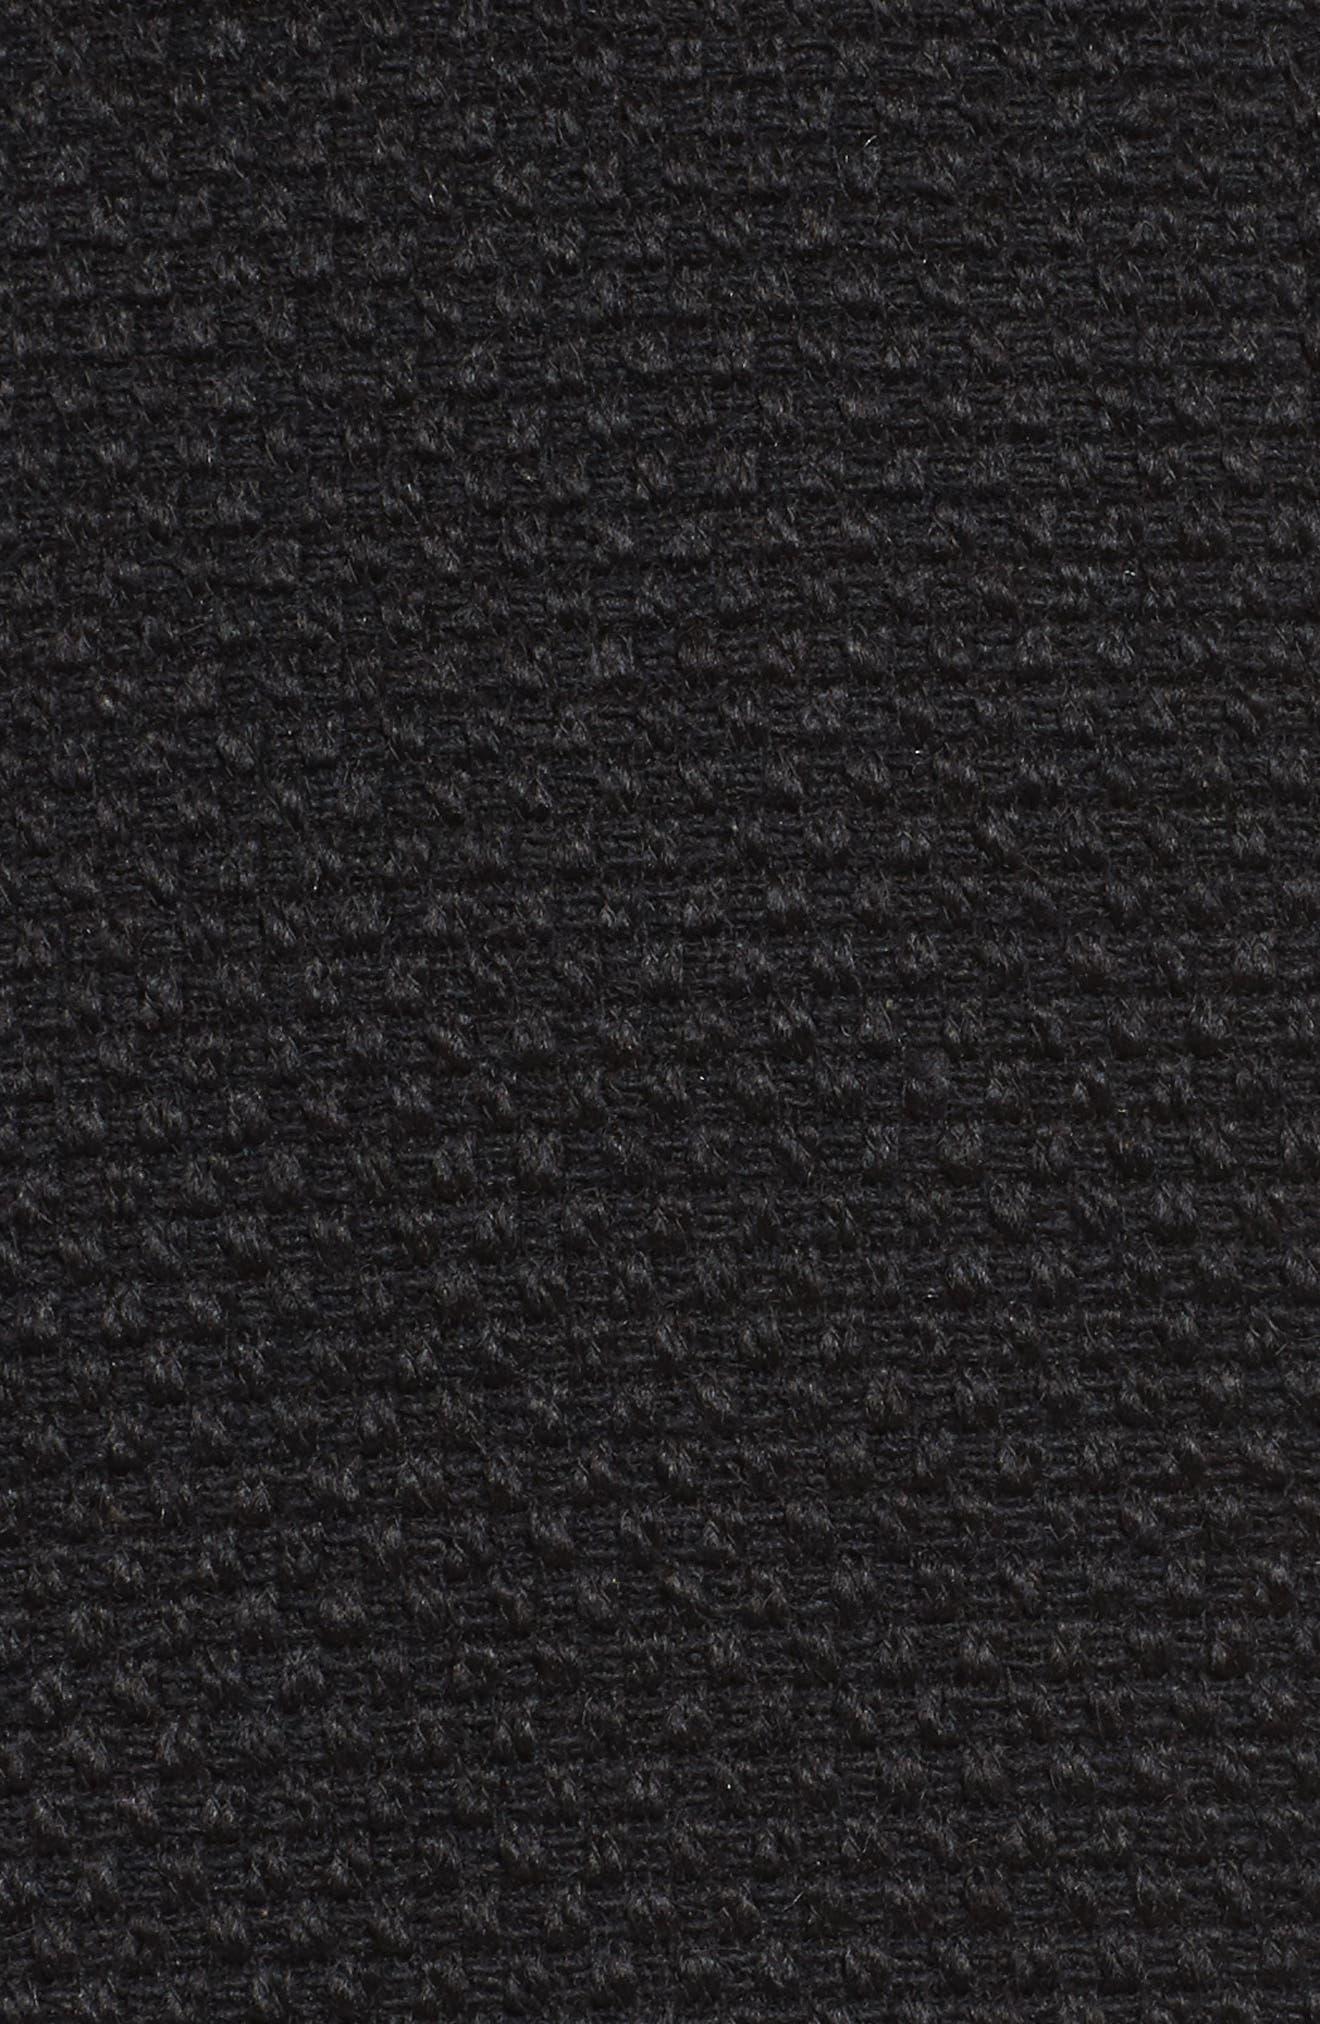 Waffle Woven Coat,                             Alternate thumbnail 6, color,                             001